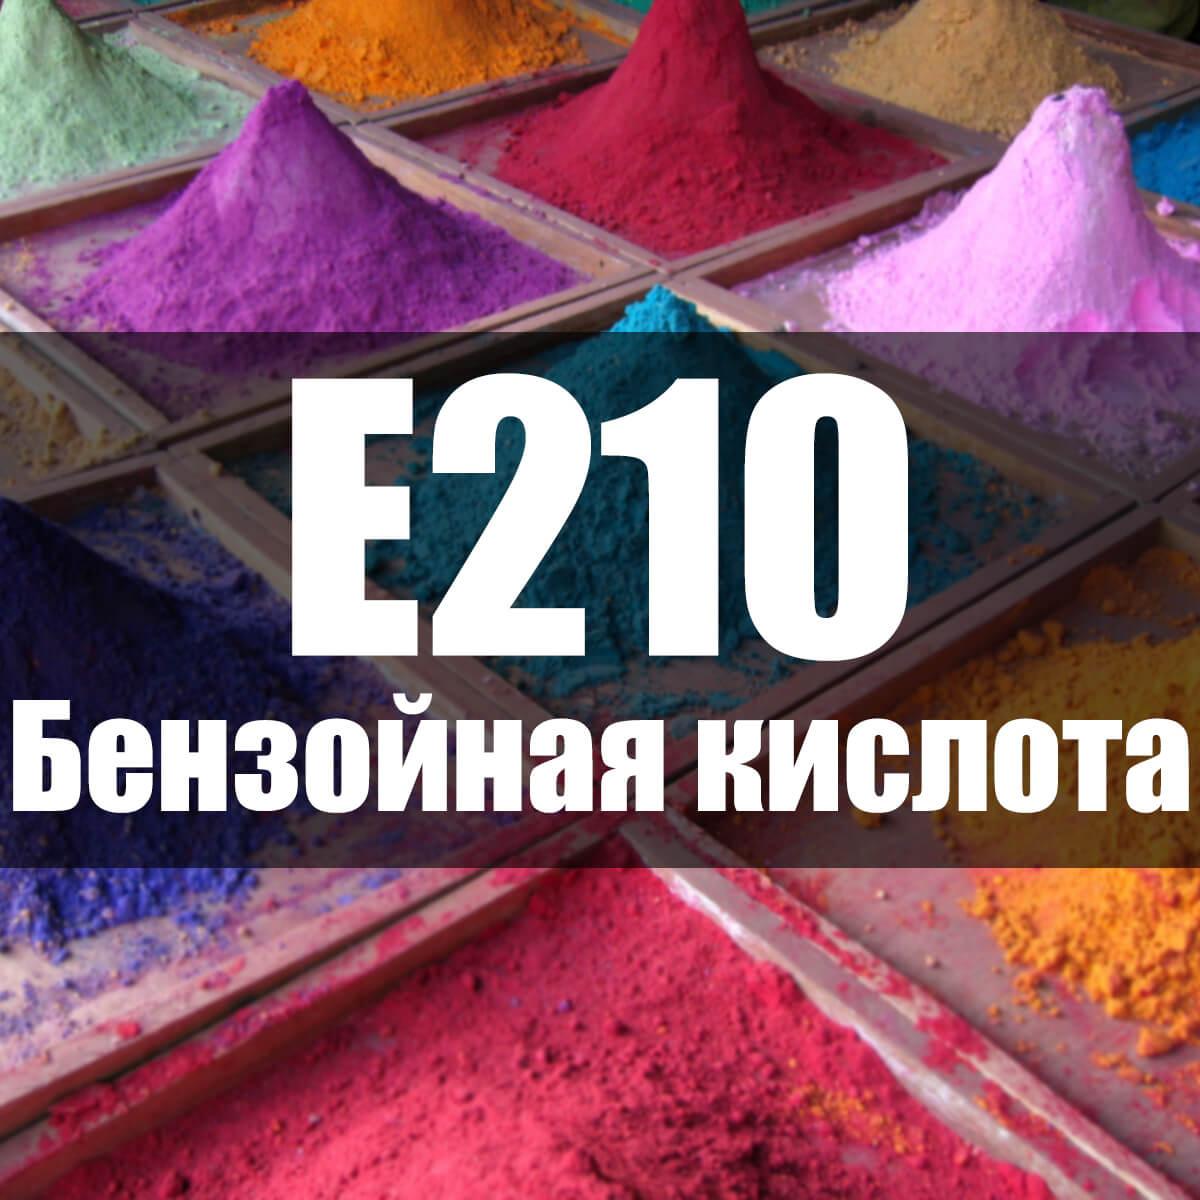 Бензойная кислота (Е210)